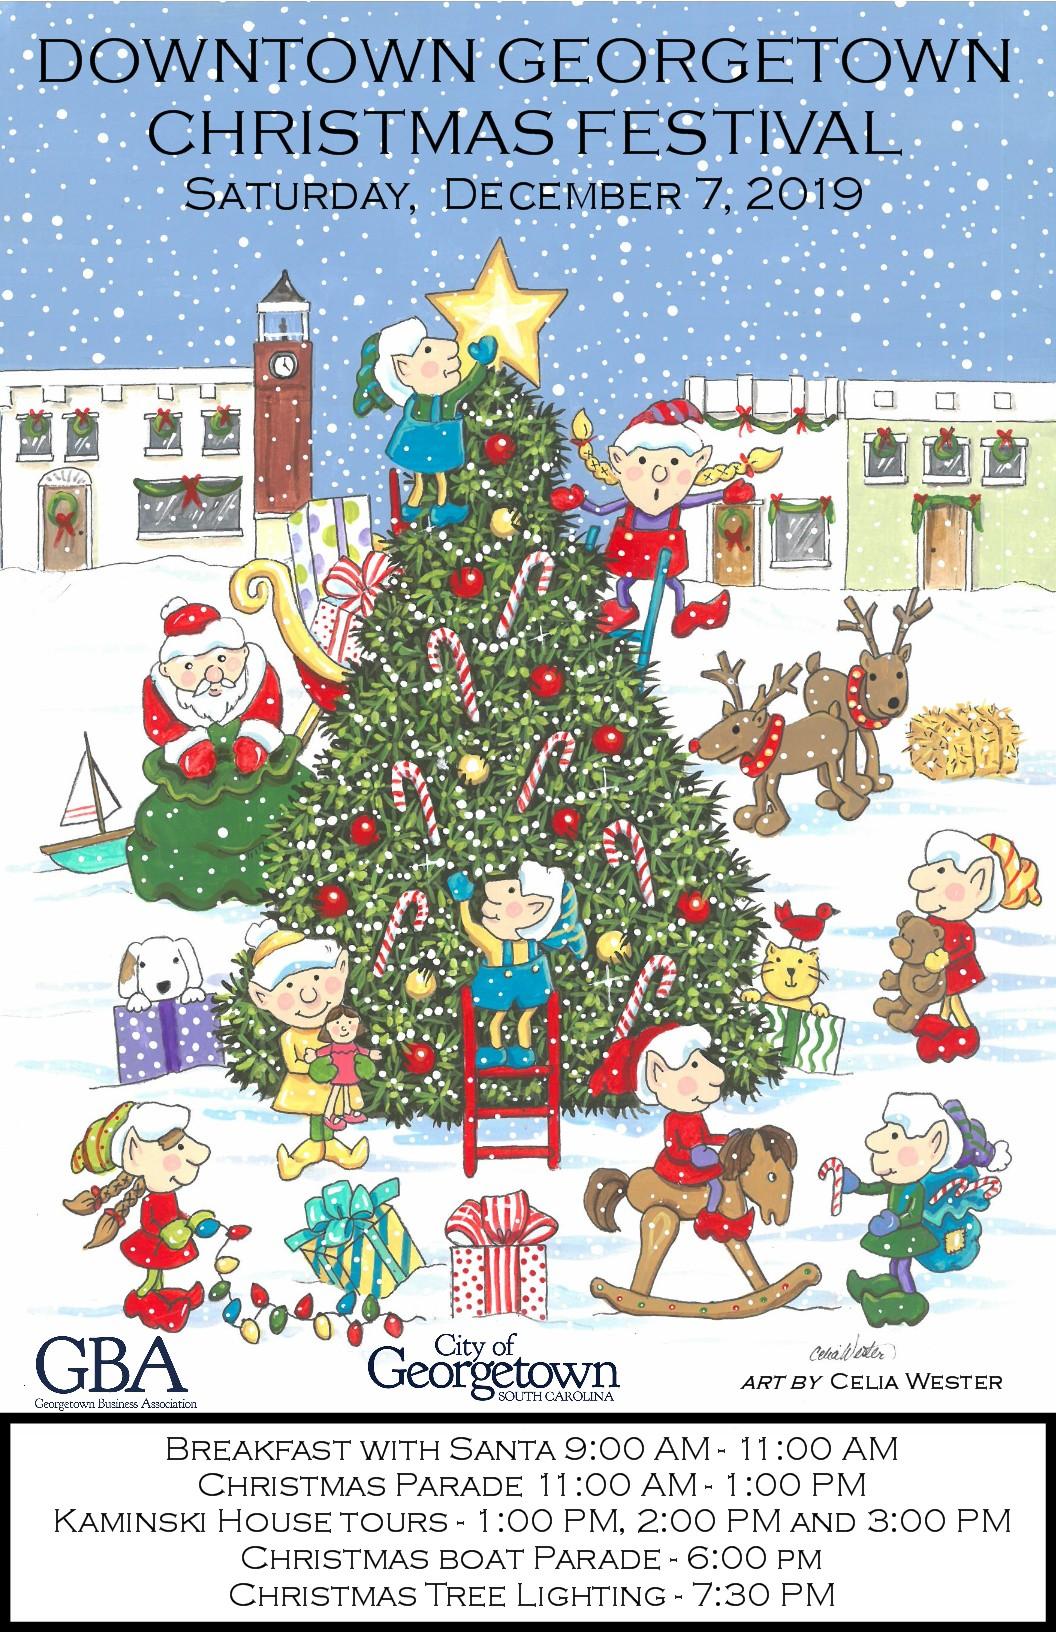 Copy of GBA Christmas Poster 103019.jpg